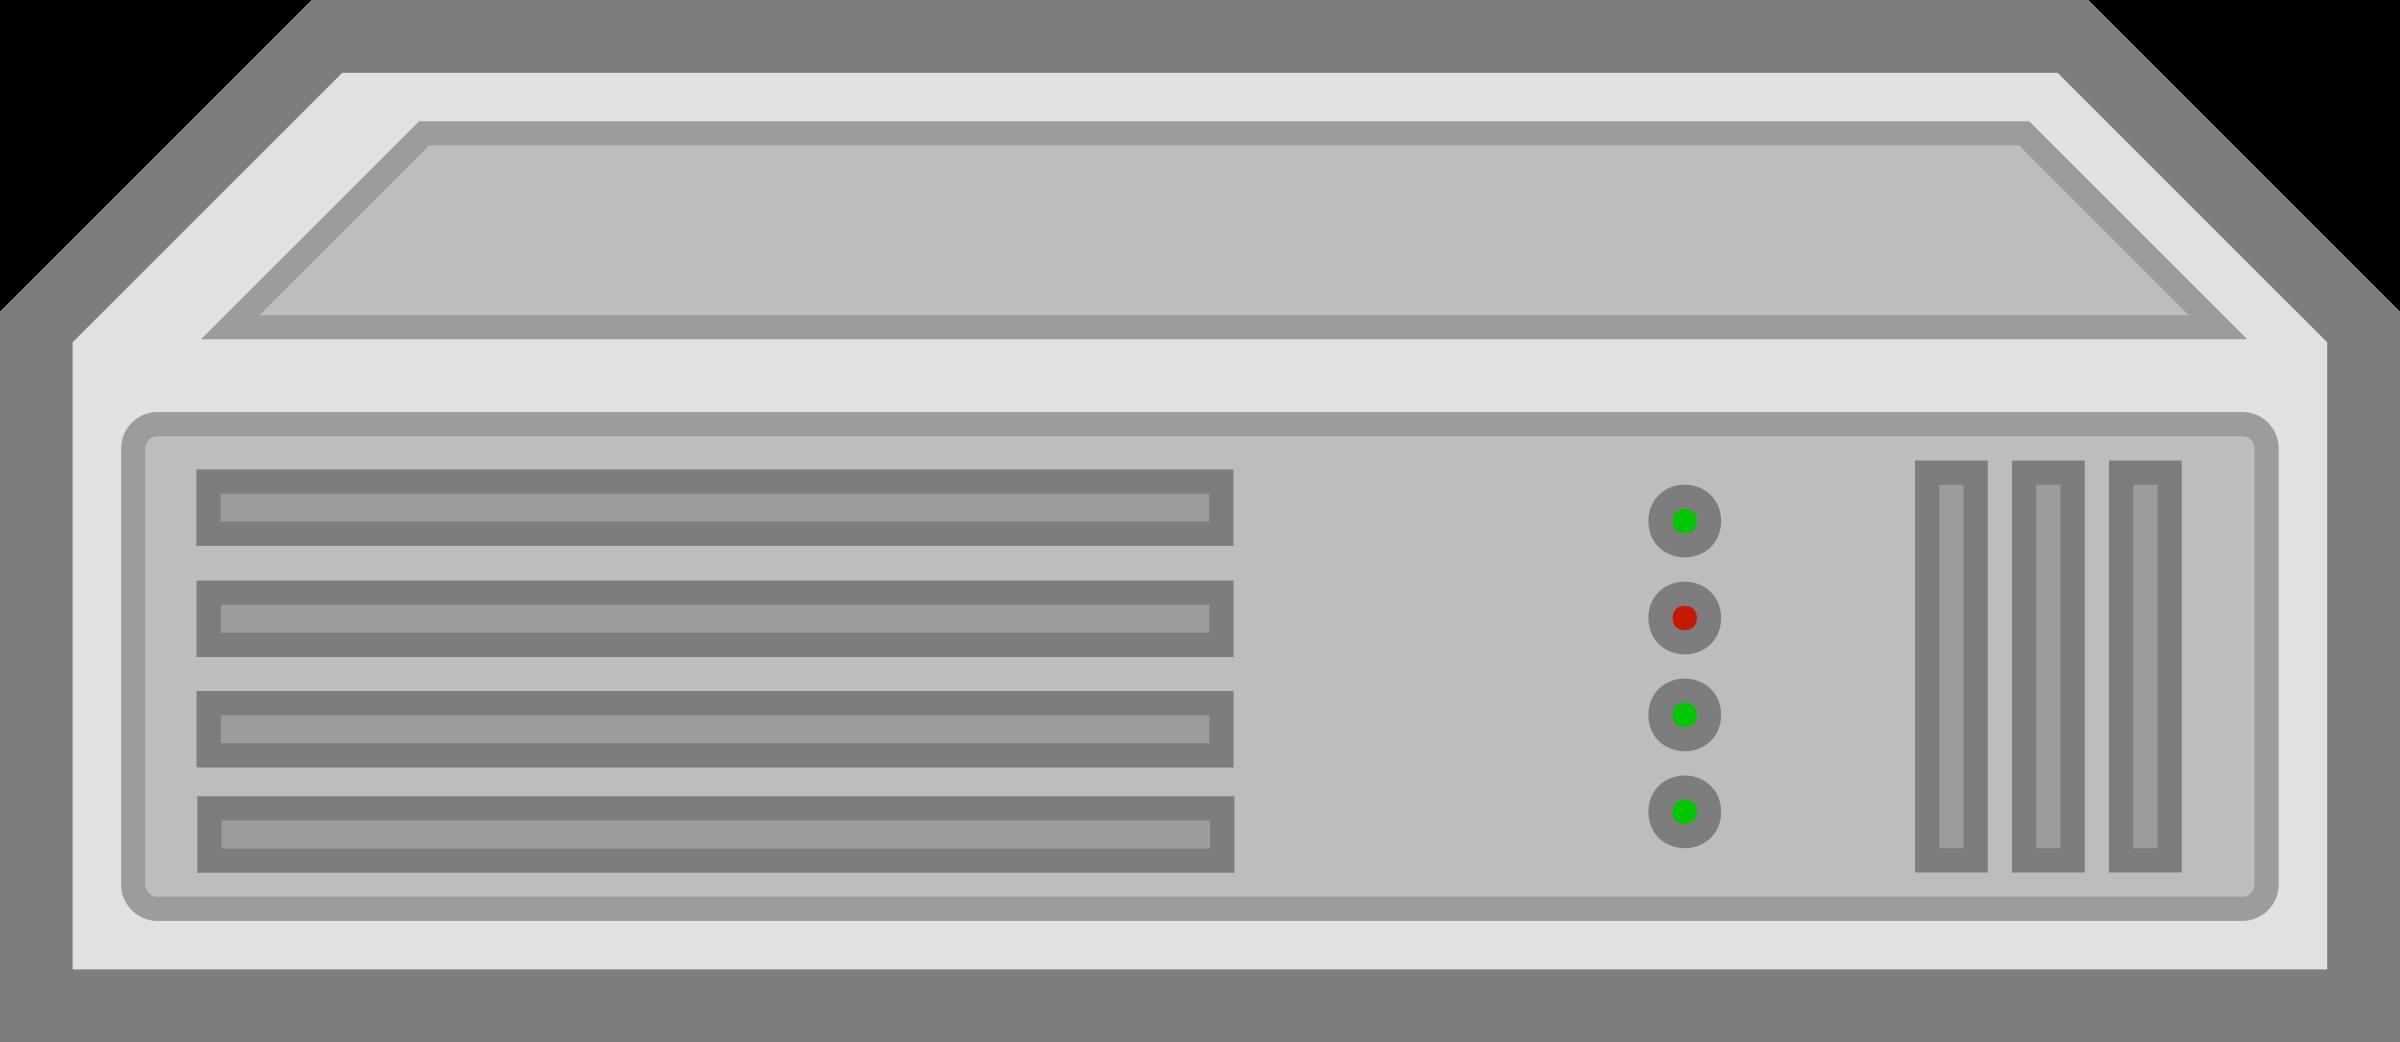 Router Clip Art.